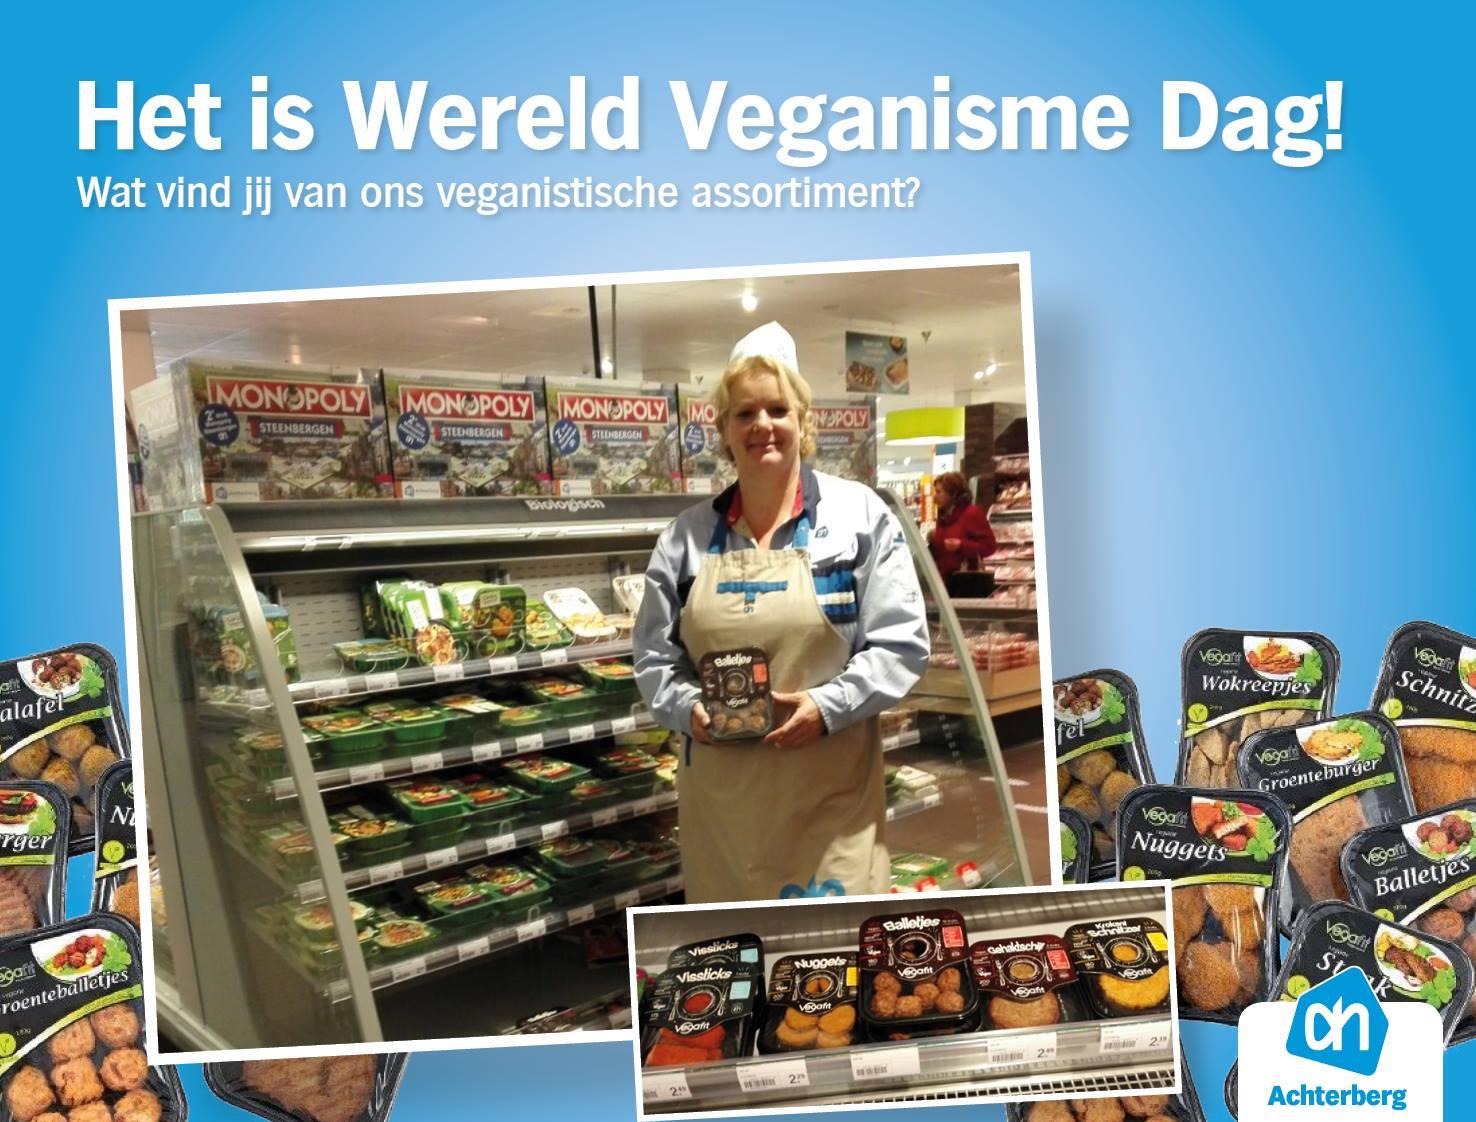 Het is Wereld Veganisme Dag!